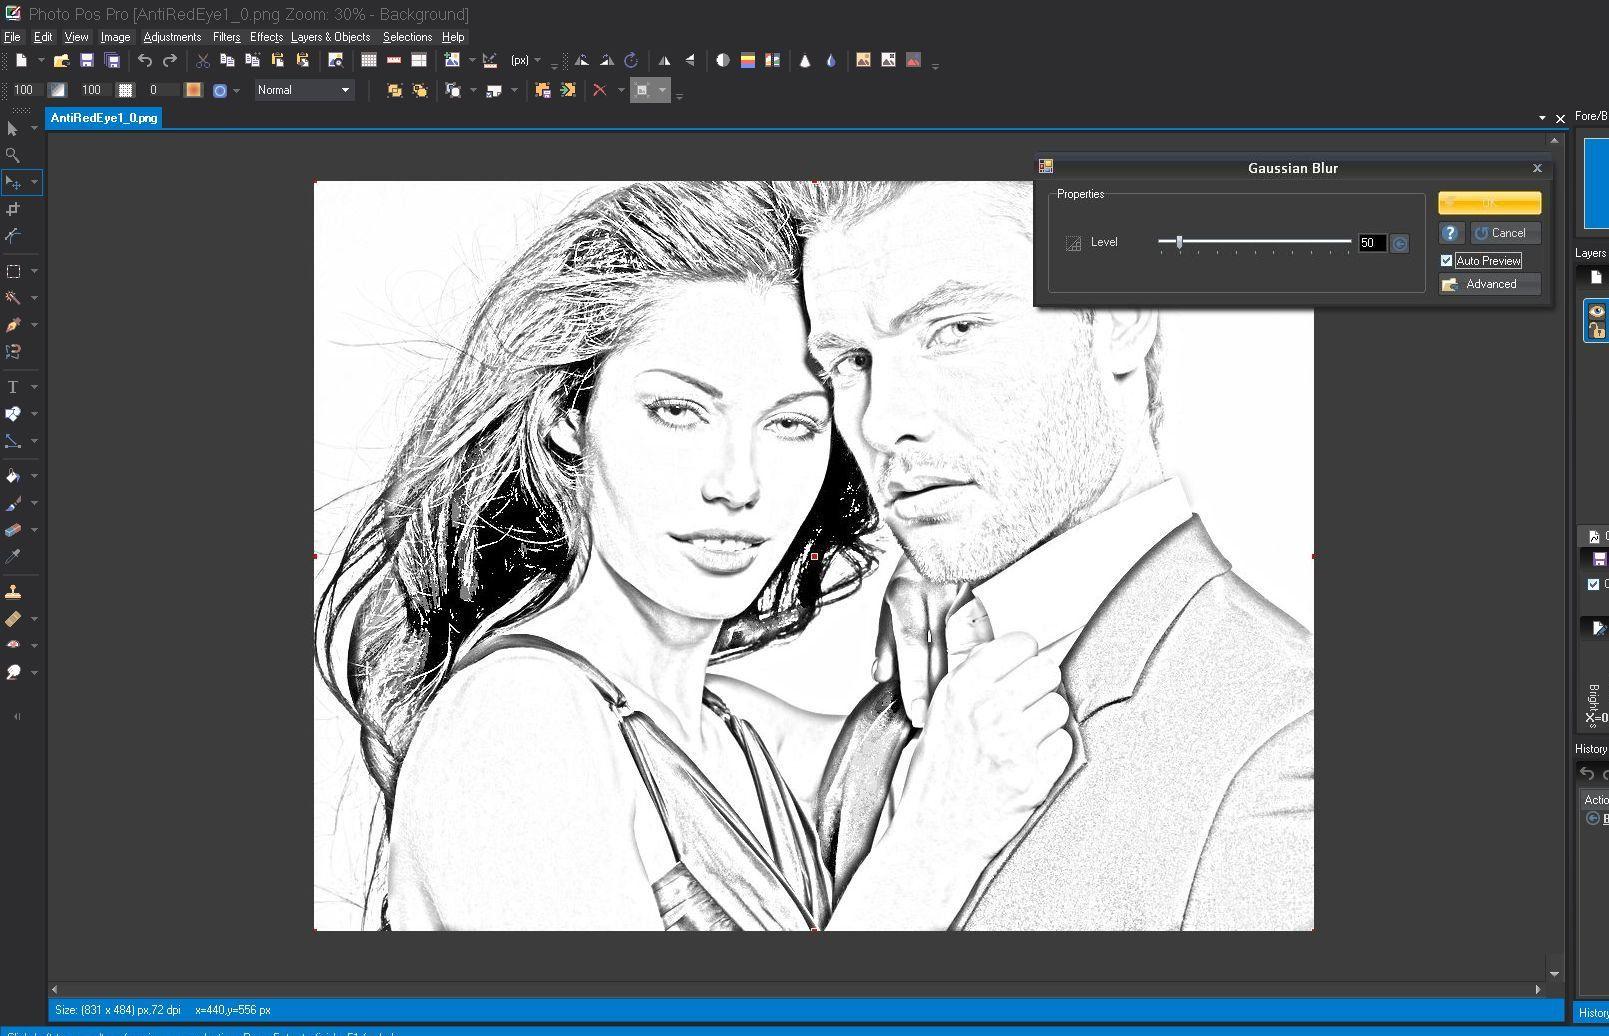 Pencil sketch effect